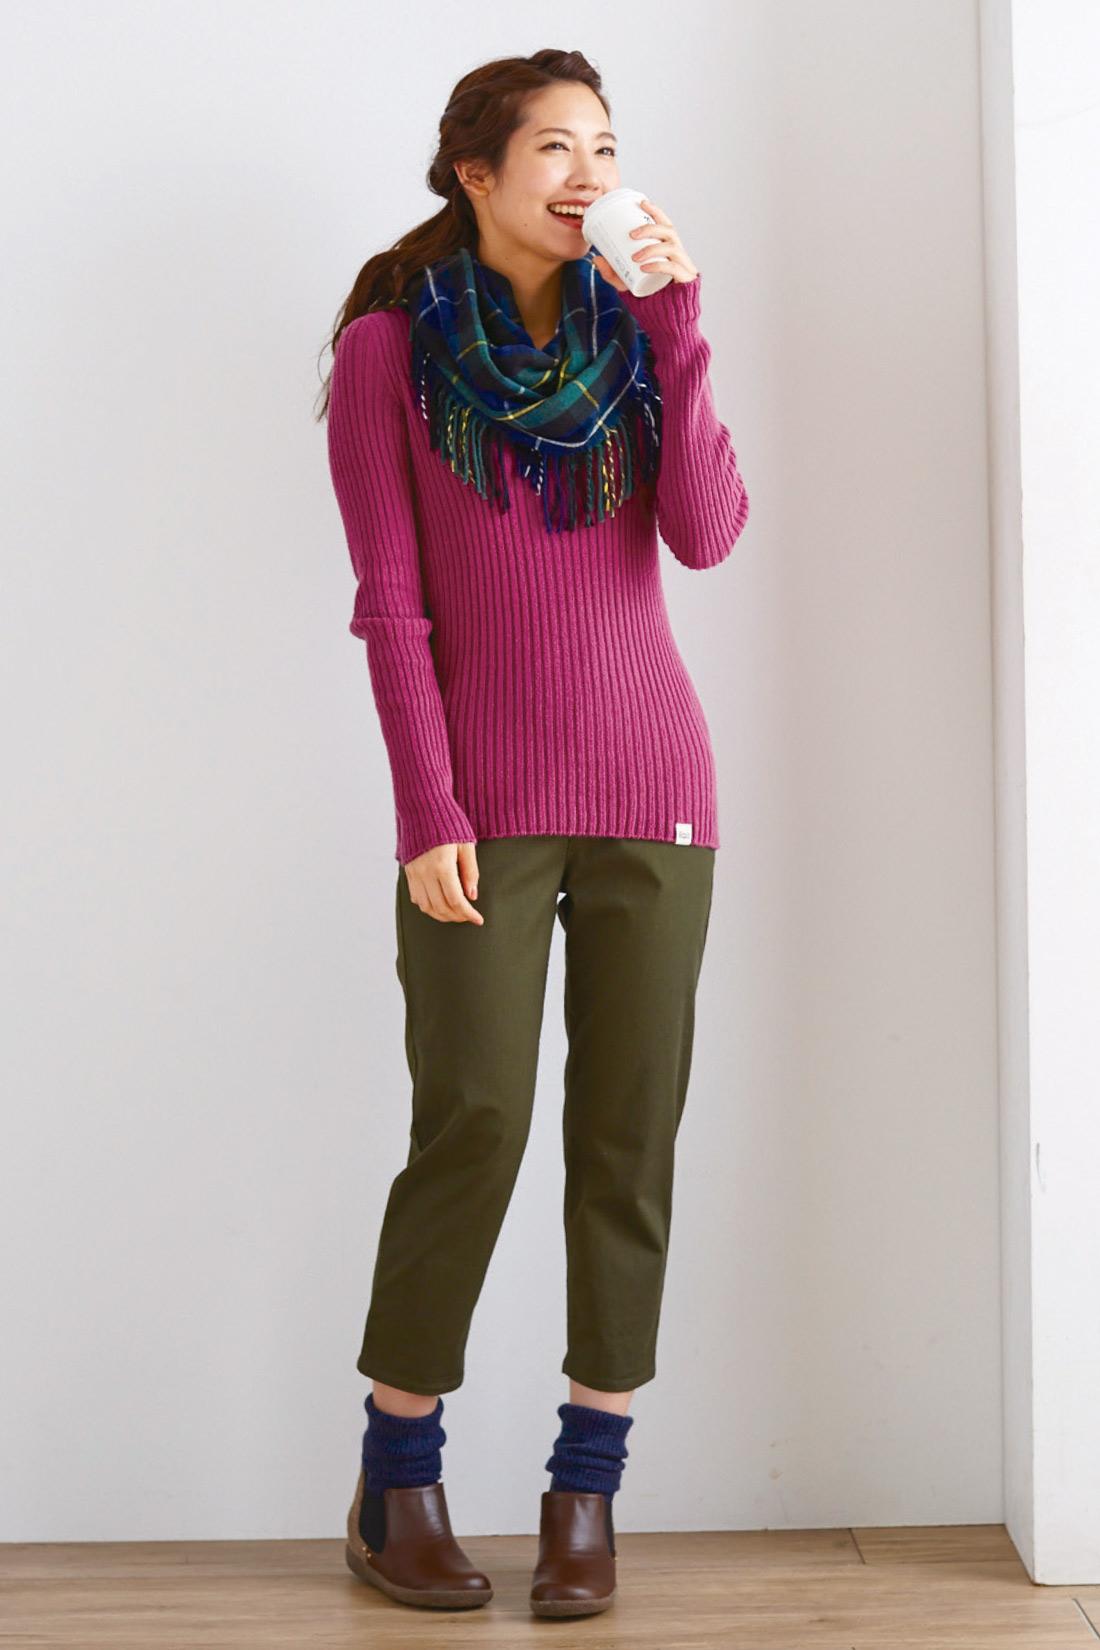 合わせやすい丈感もこだわりました。 ※着用イメージです。お届けするカラーとは異なります。